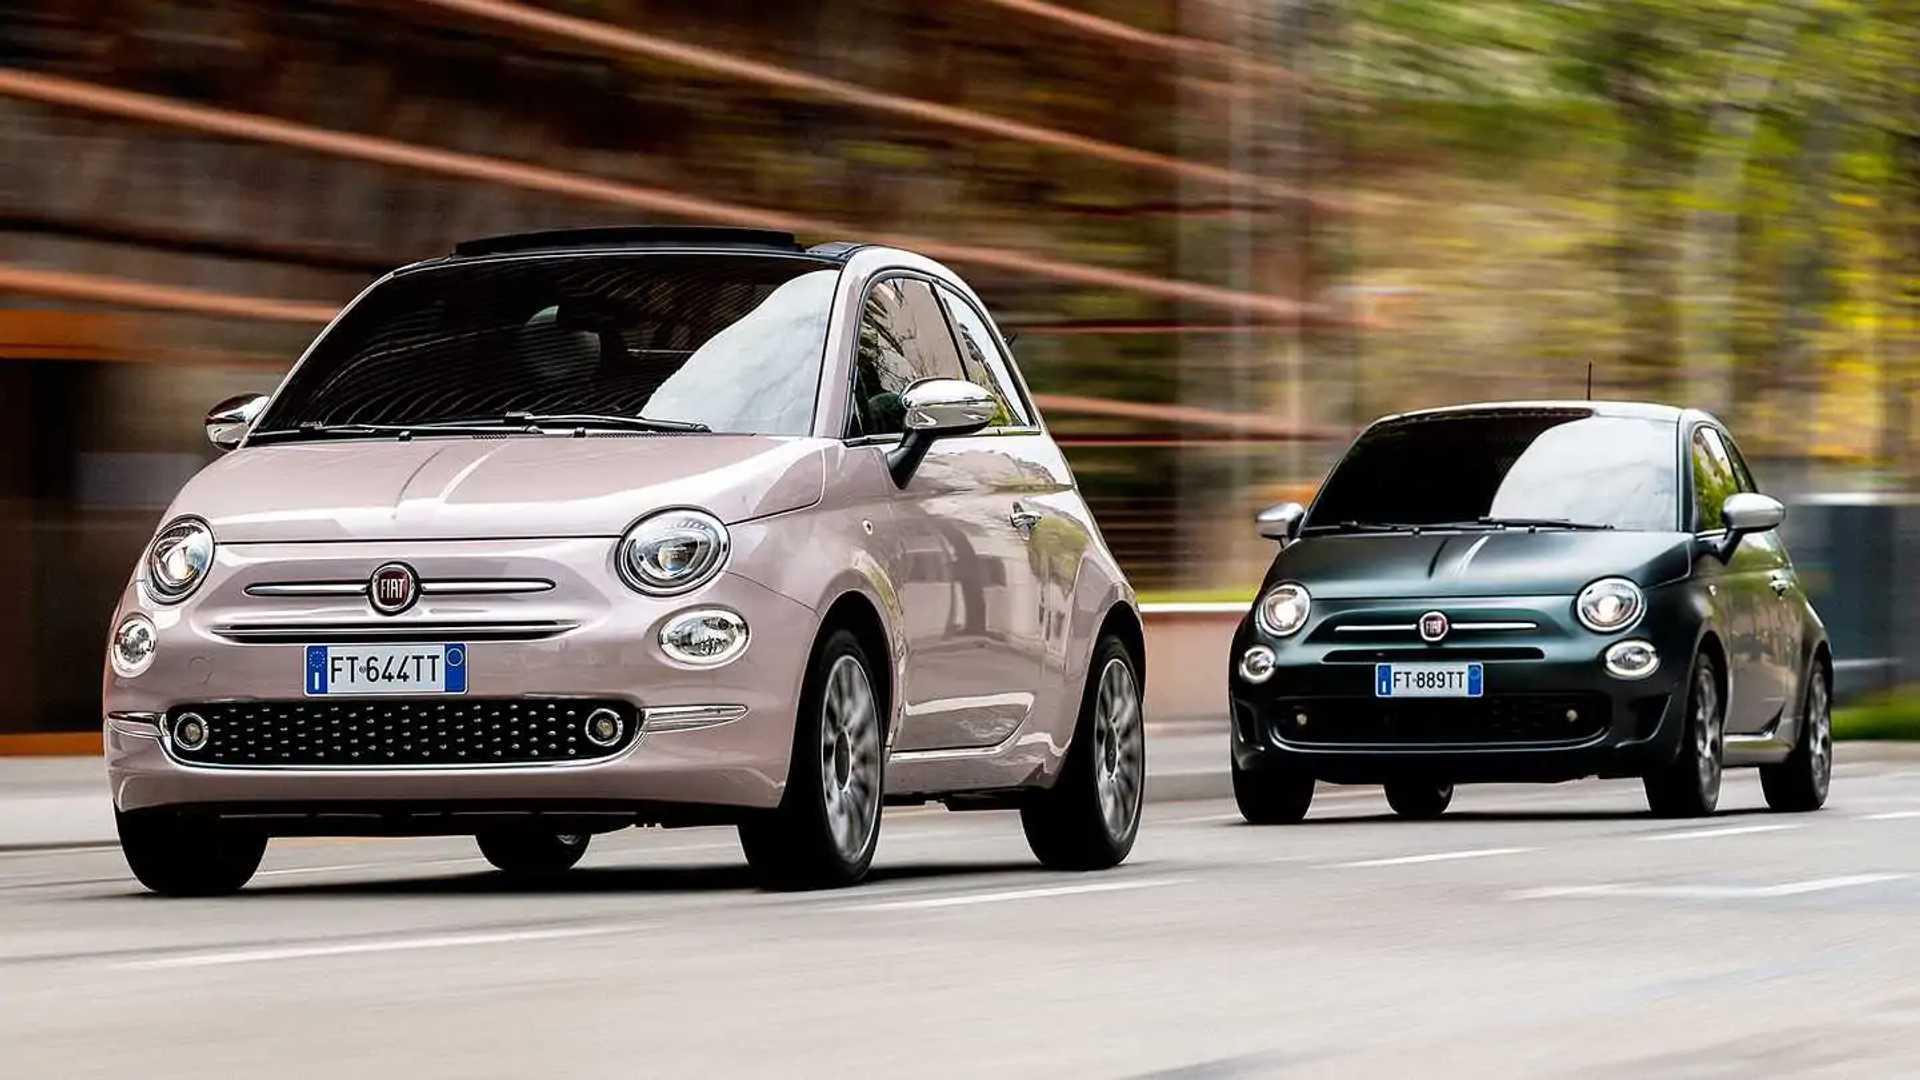 2019 Fiat 500 Star Motor1 Com Photos